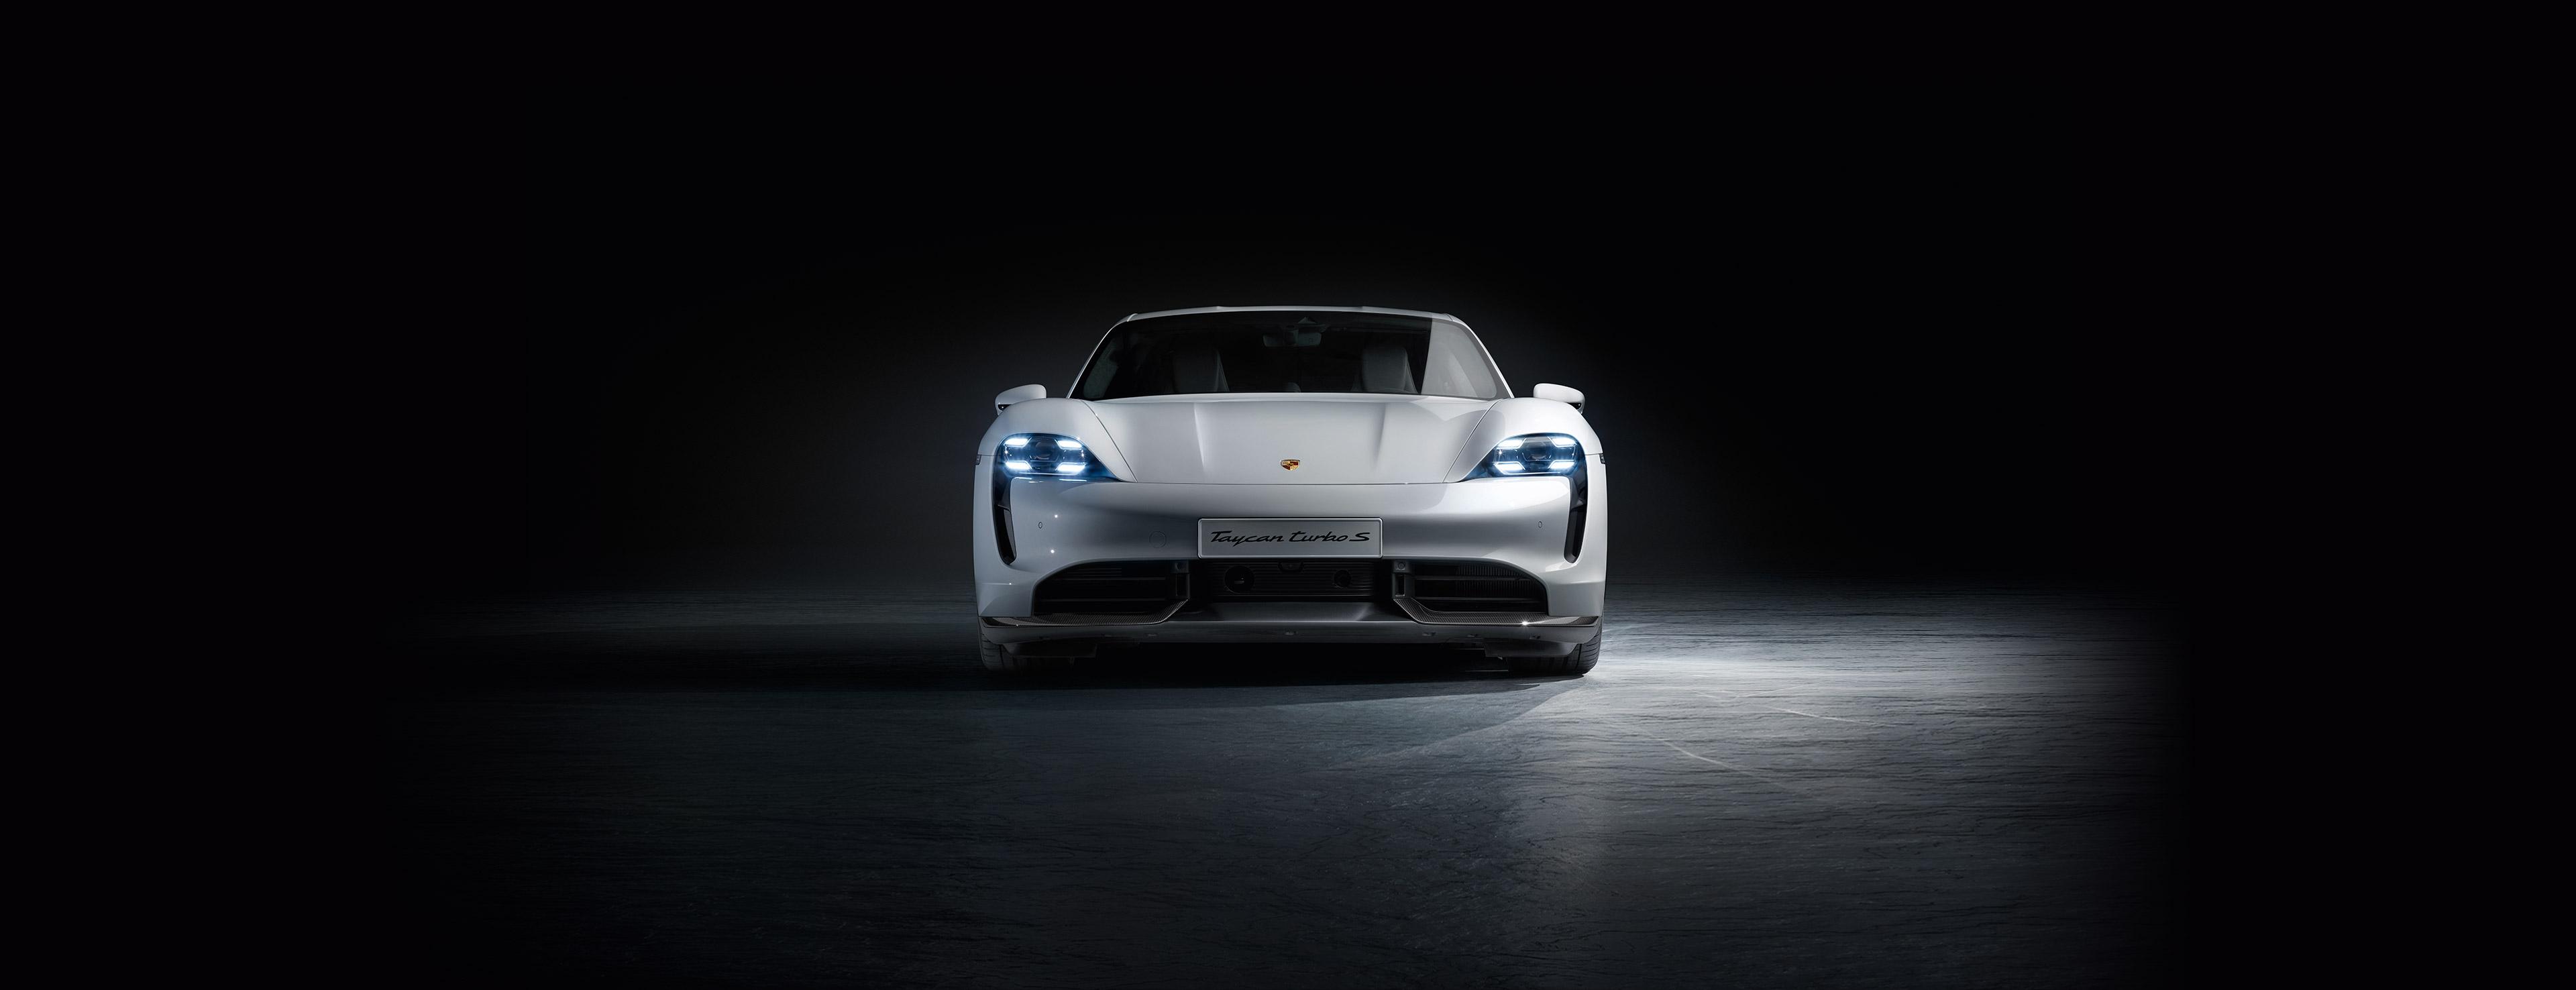 Porsche España - Dr  Ing  h c  F  Porsche AG